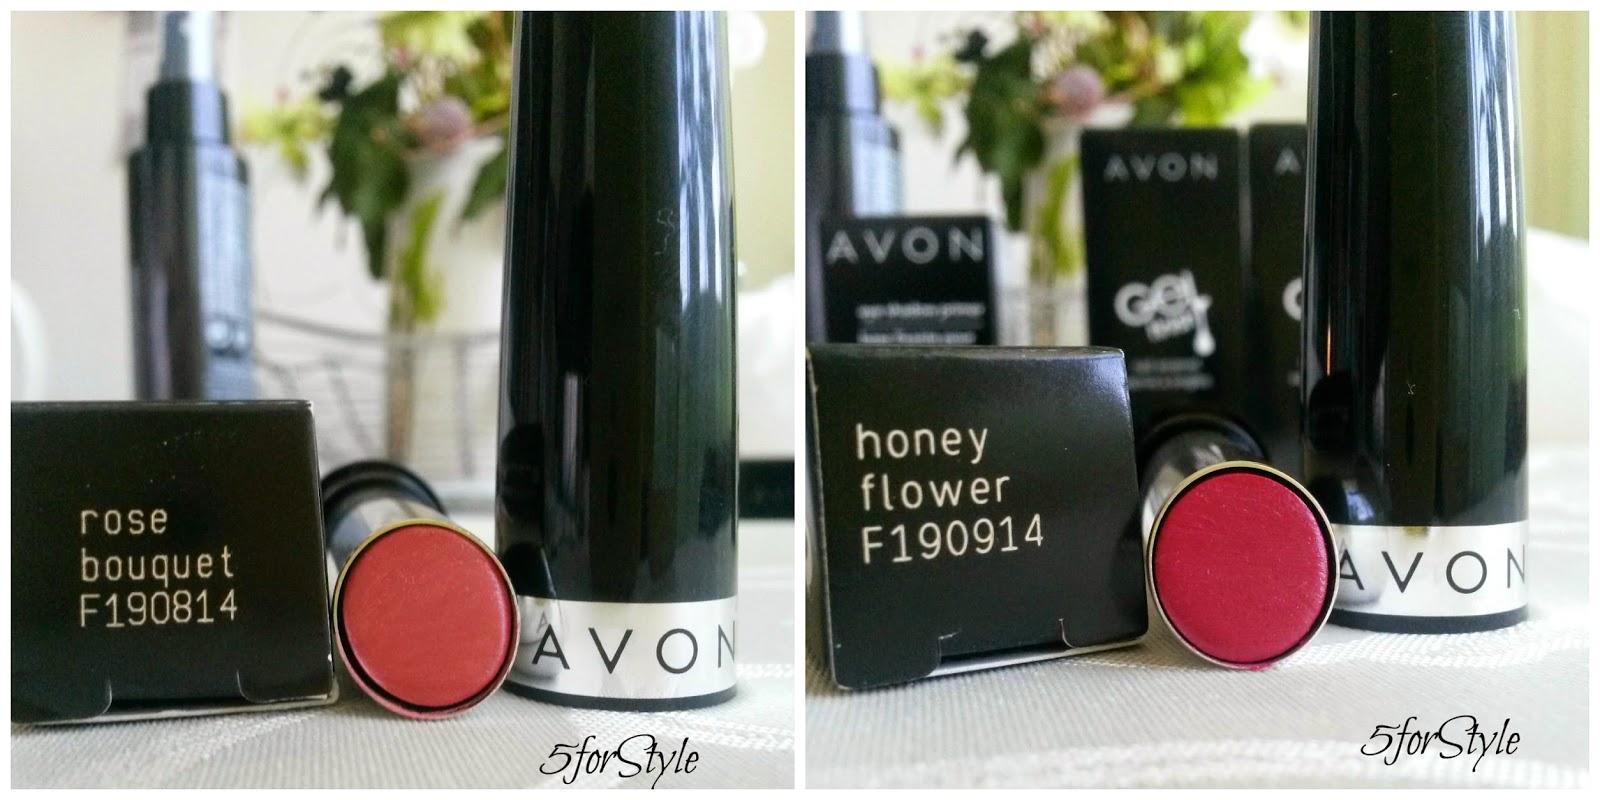 Indulgence, Rose bouquet, honey flower